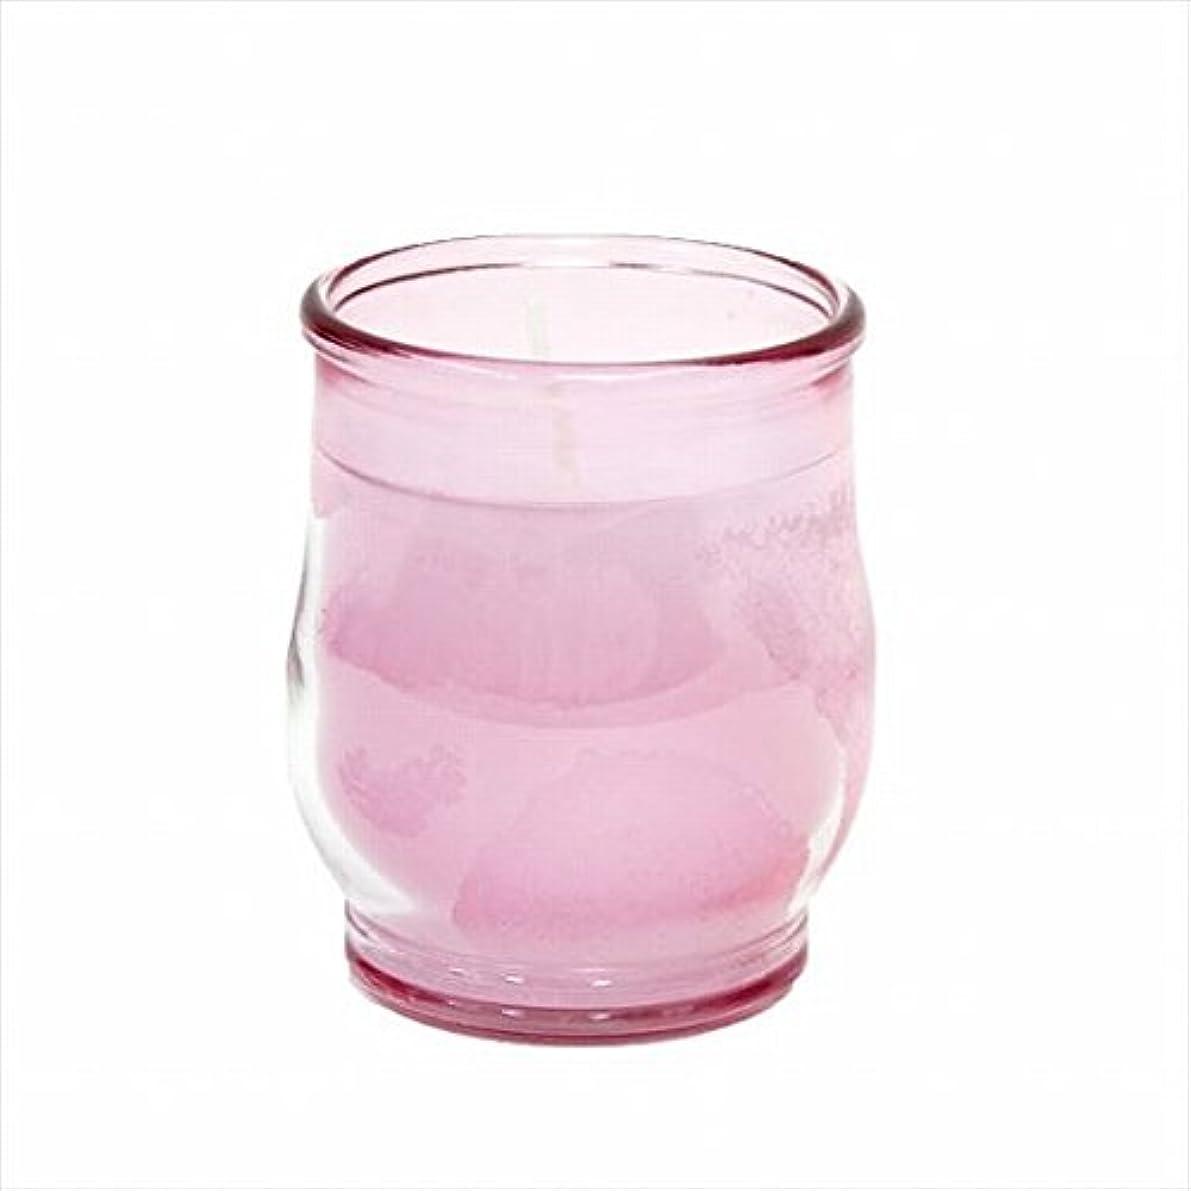 添付スクリーチ複合カメヤマキャンドル(kameyama candle) ポシェ(非常用コップローソク) 「 ピンク(ライトカラー) 」